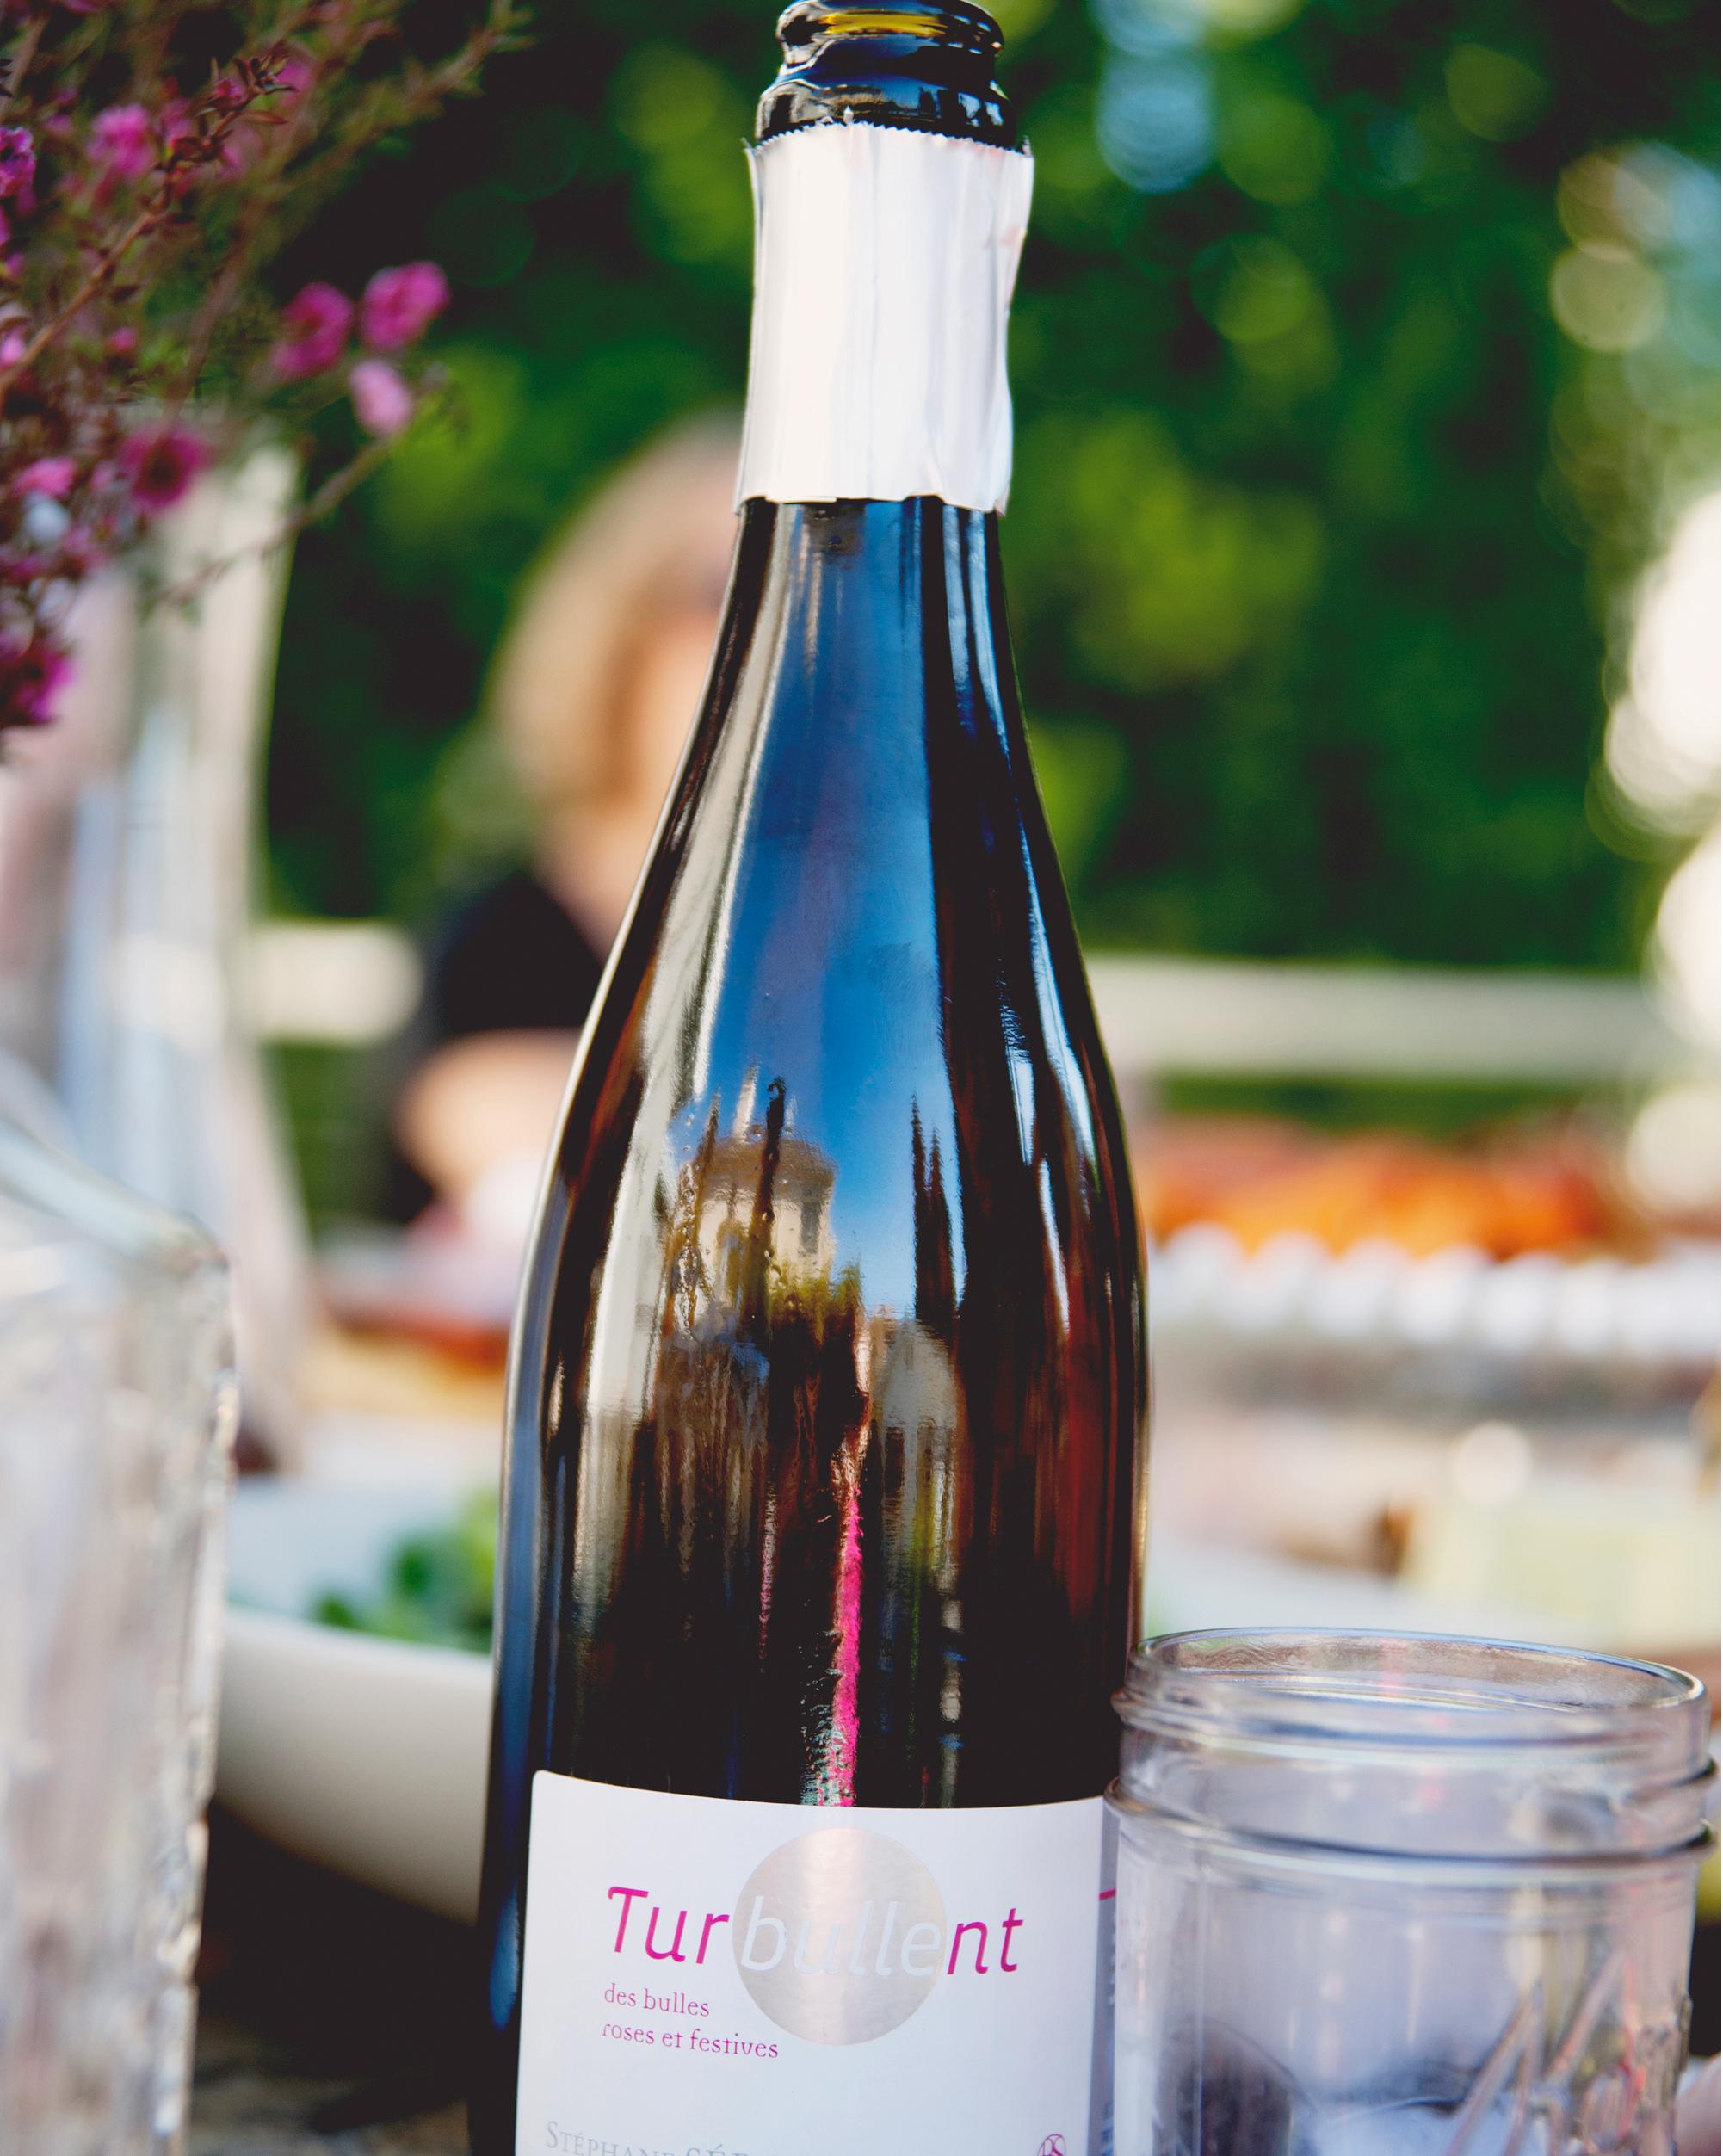 claire-thomas-bridal-shower-garden-champagne-0814.jpg